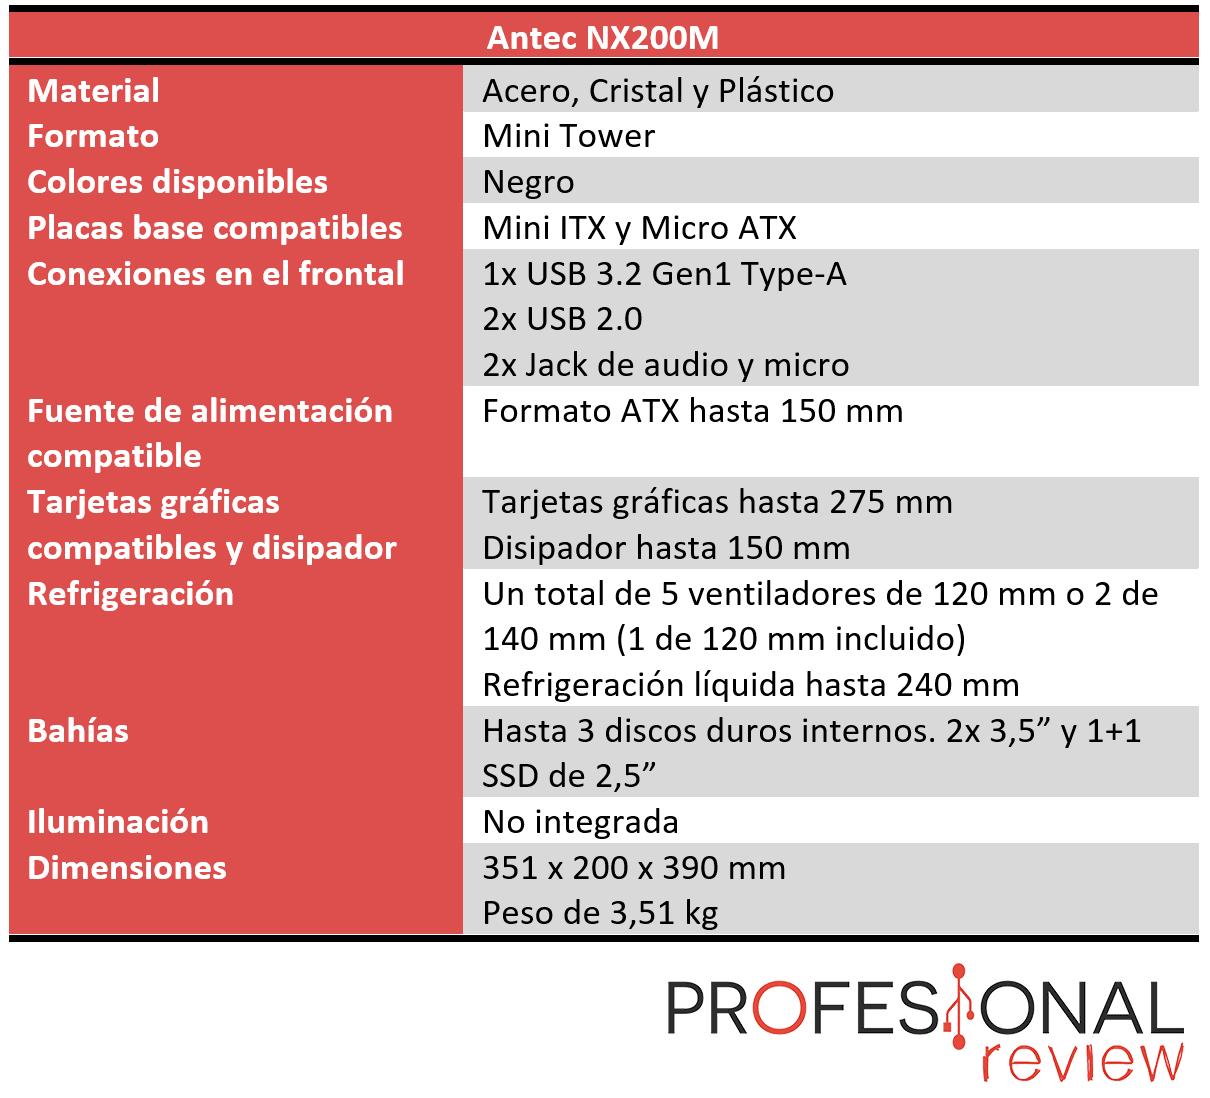 Antec NX200M Características